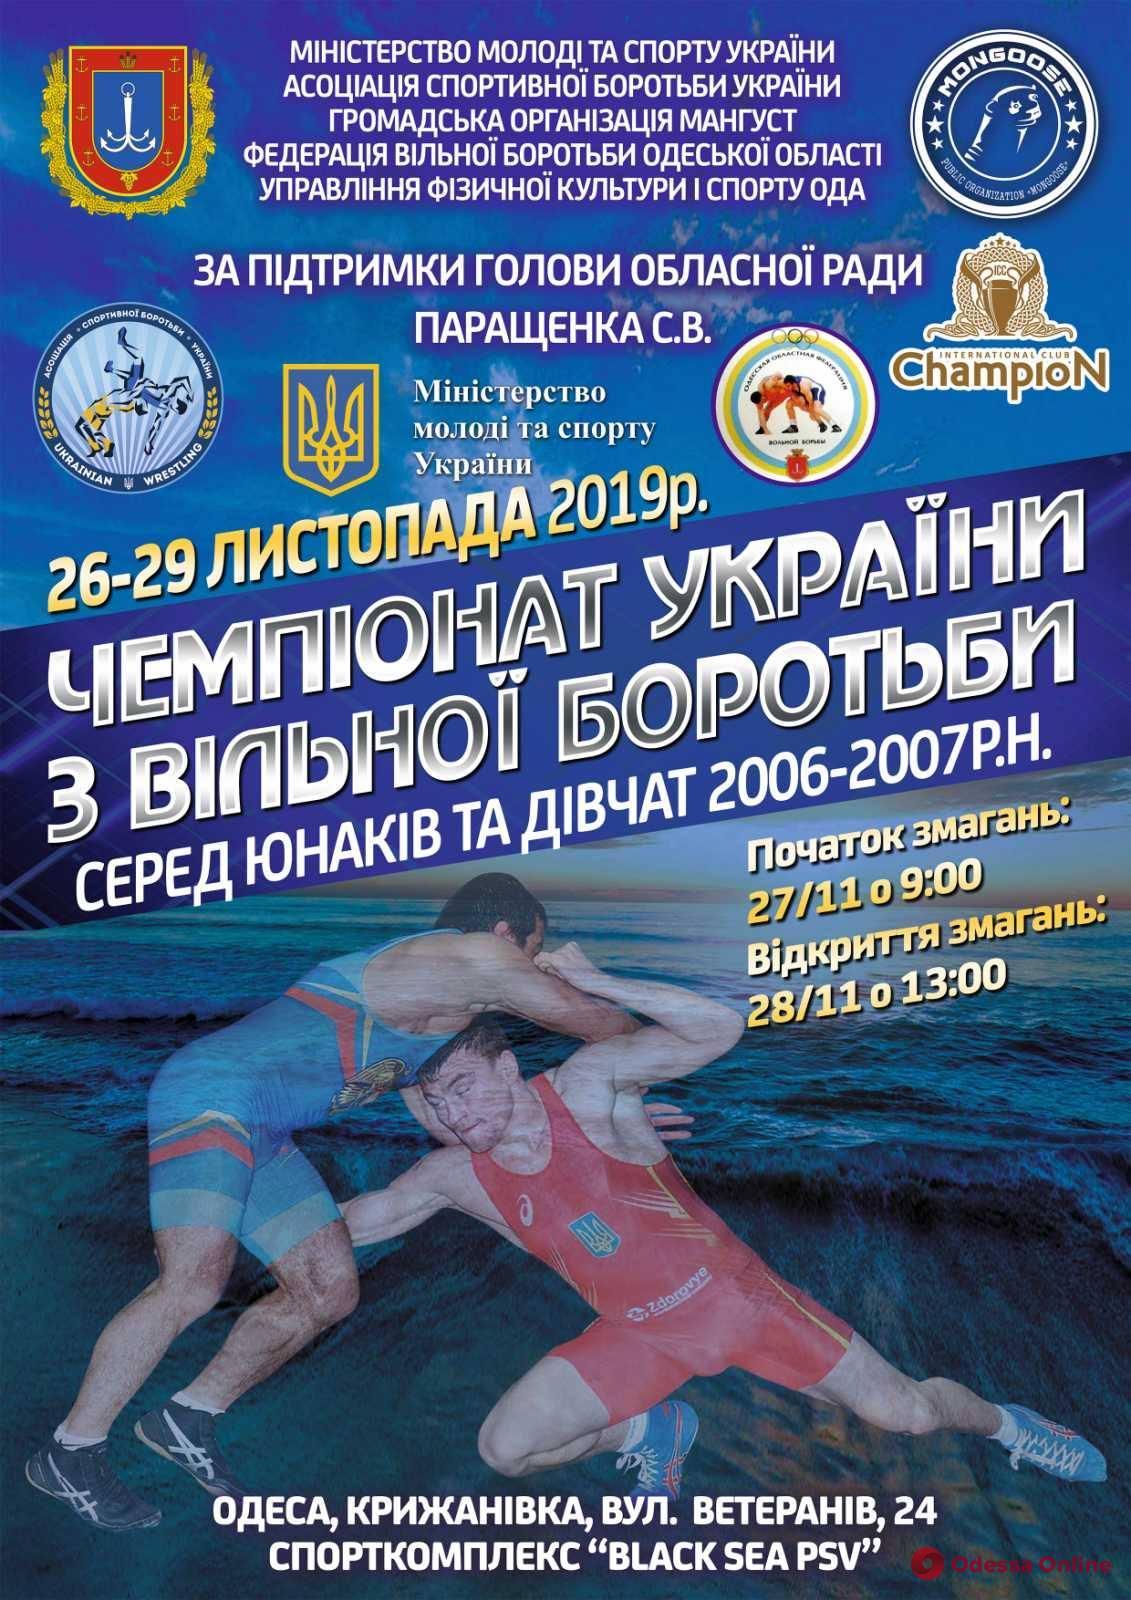 чемпионат украины по вольной борьбе 2019